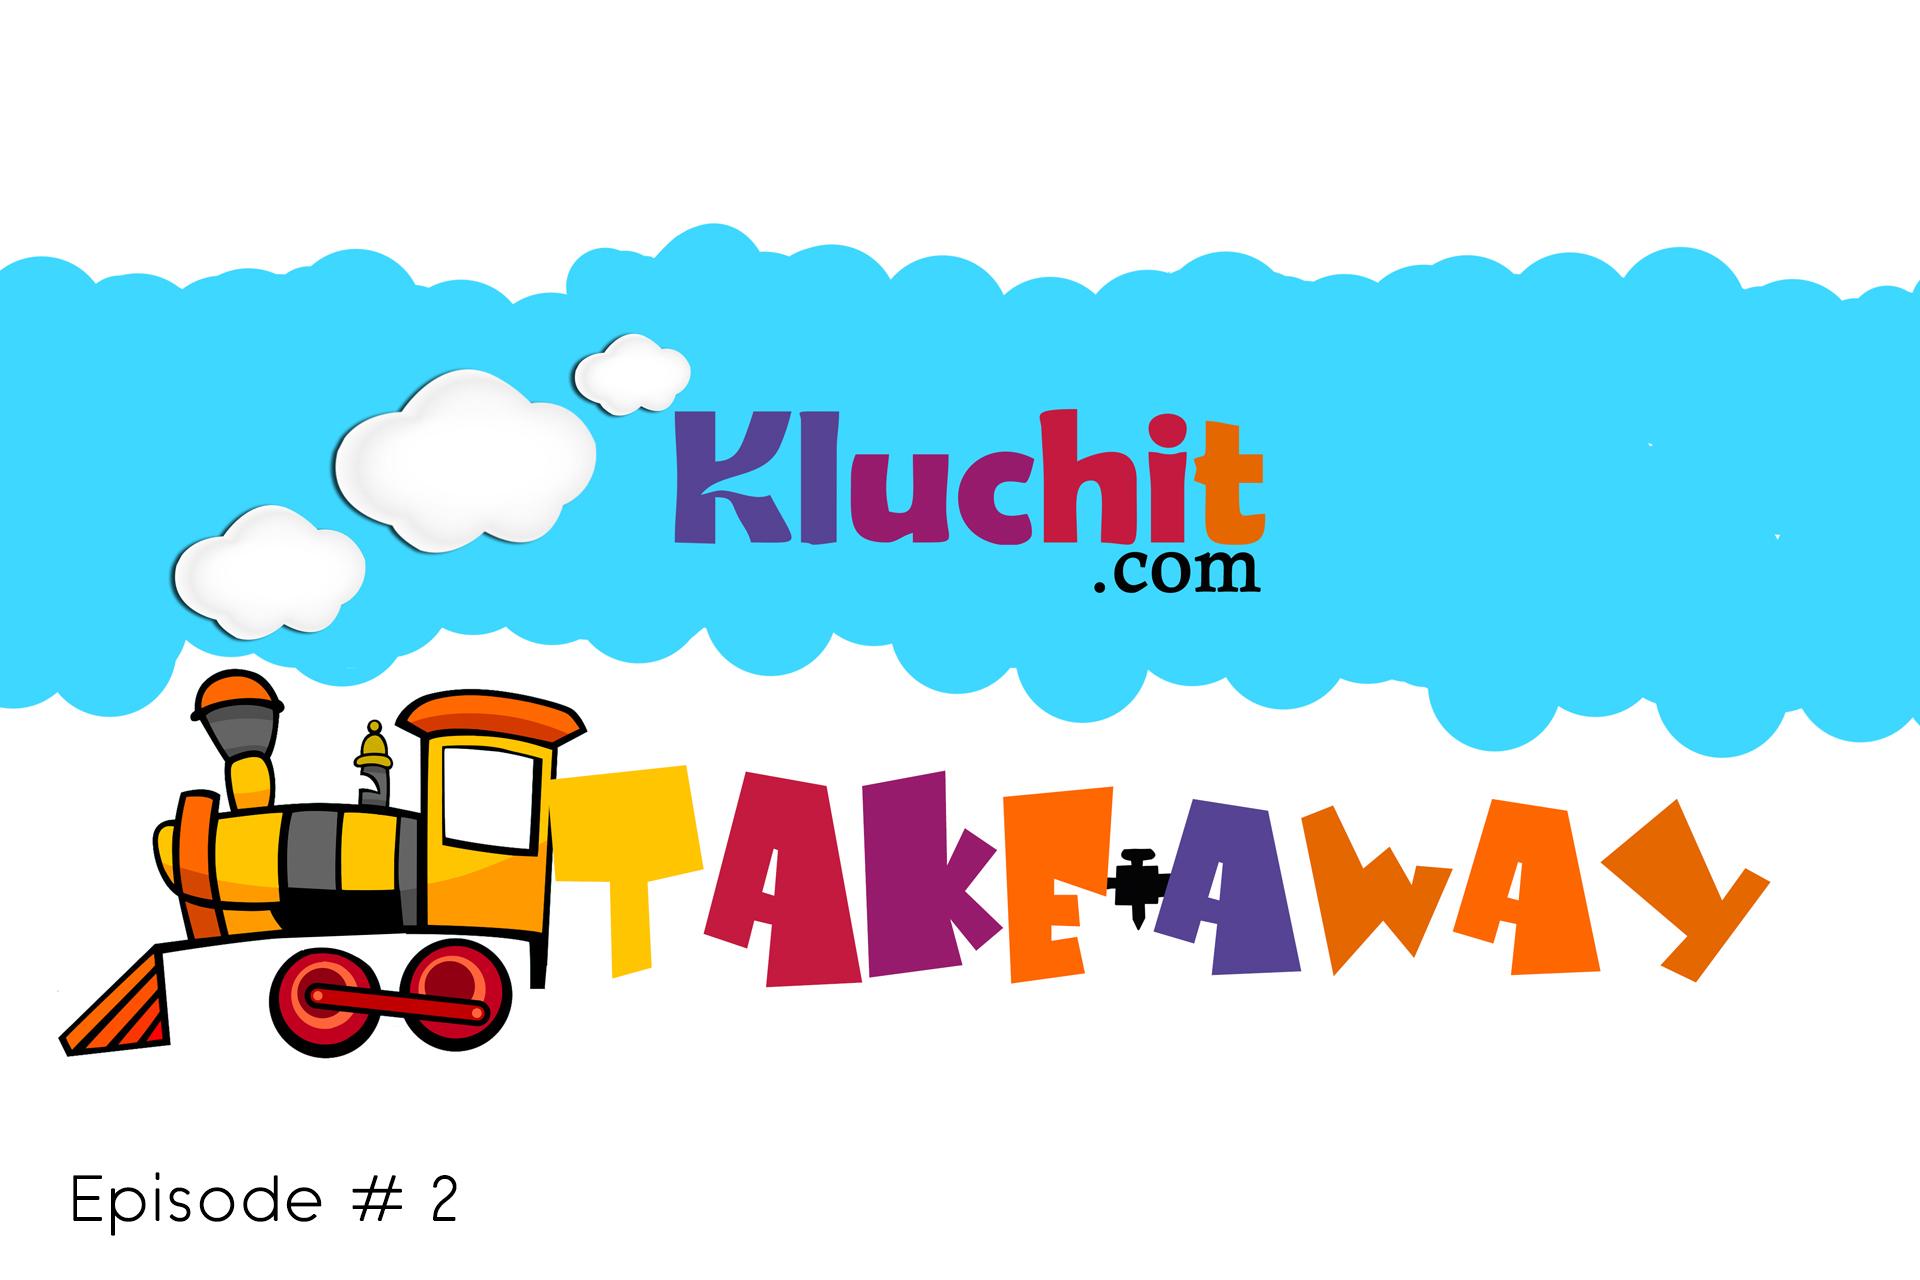 TakeAway Episode 2 – Chatkhara360